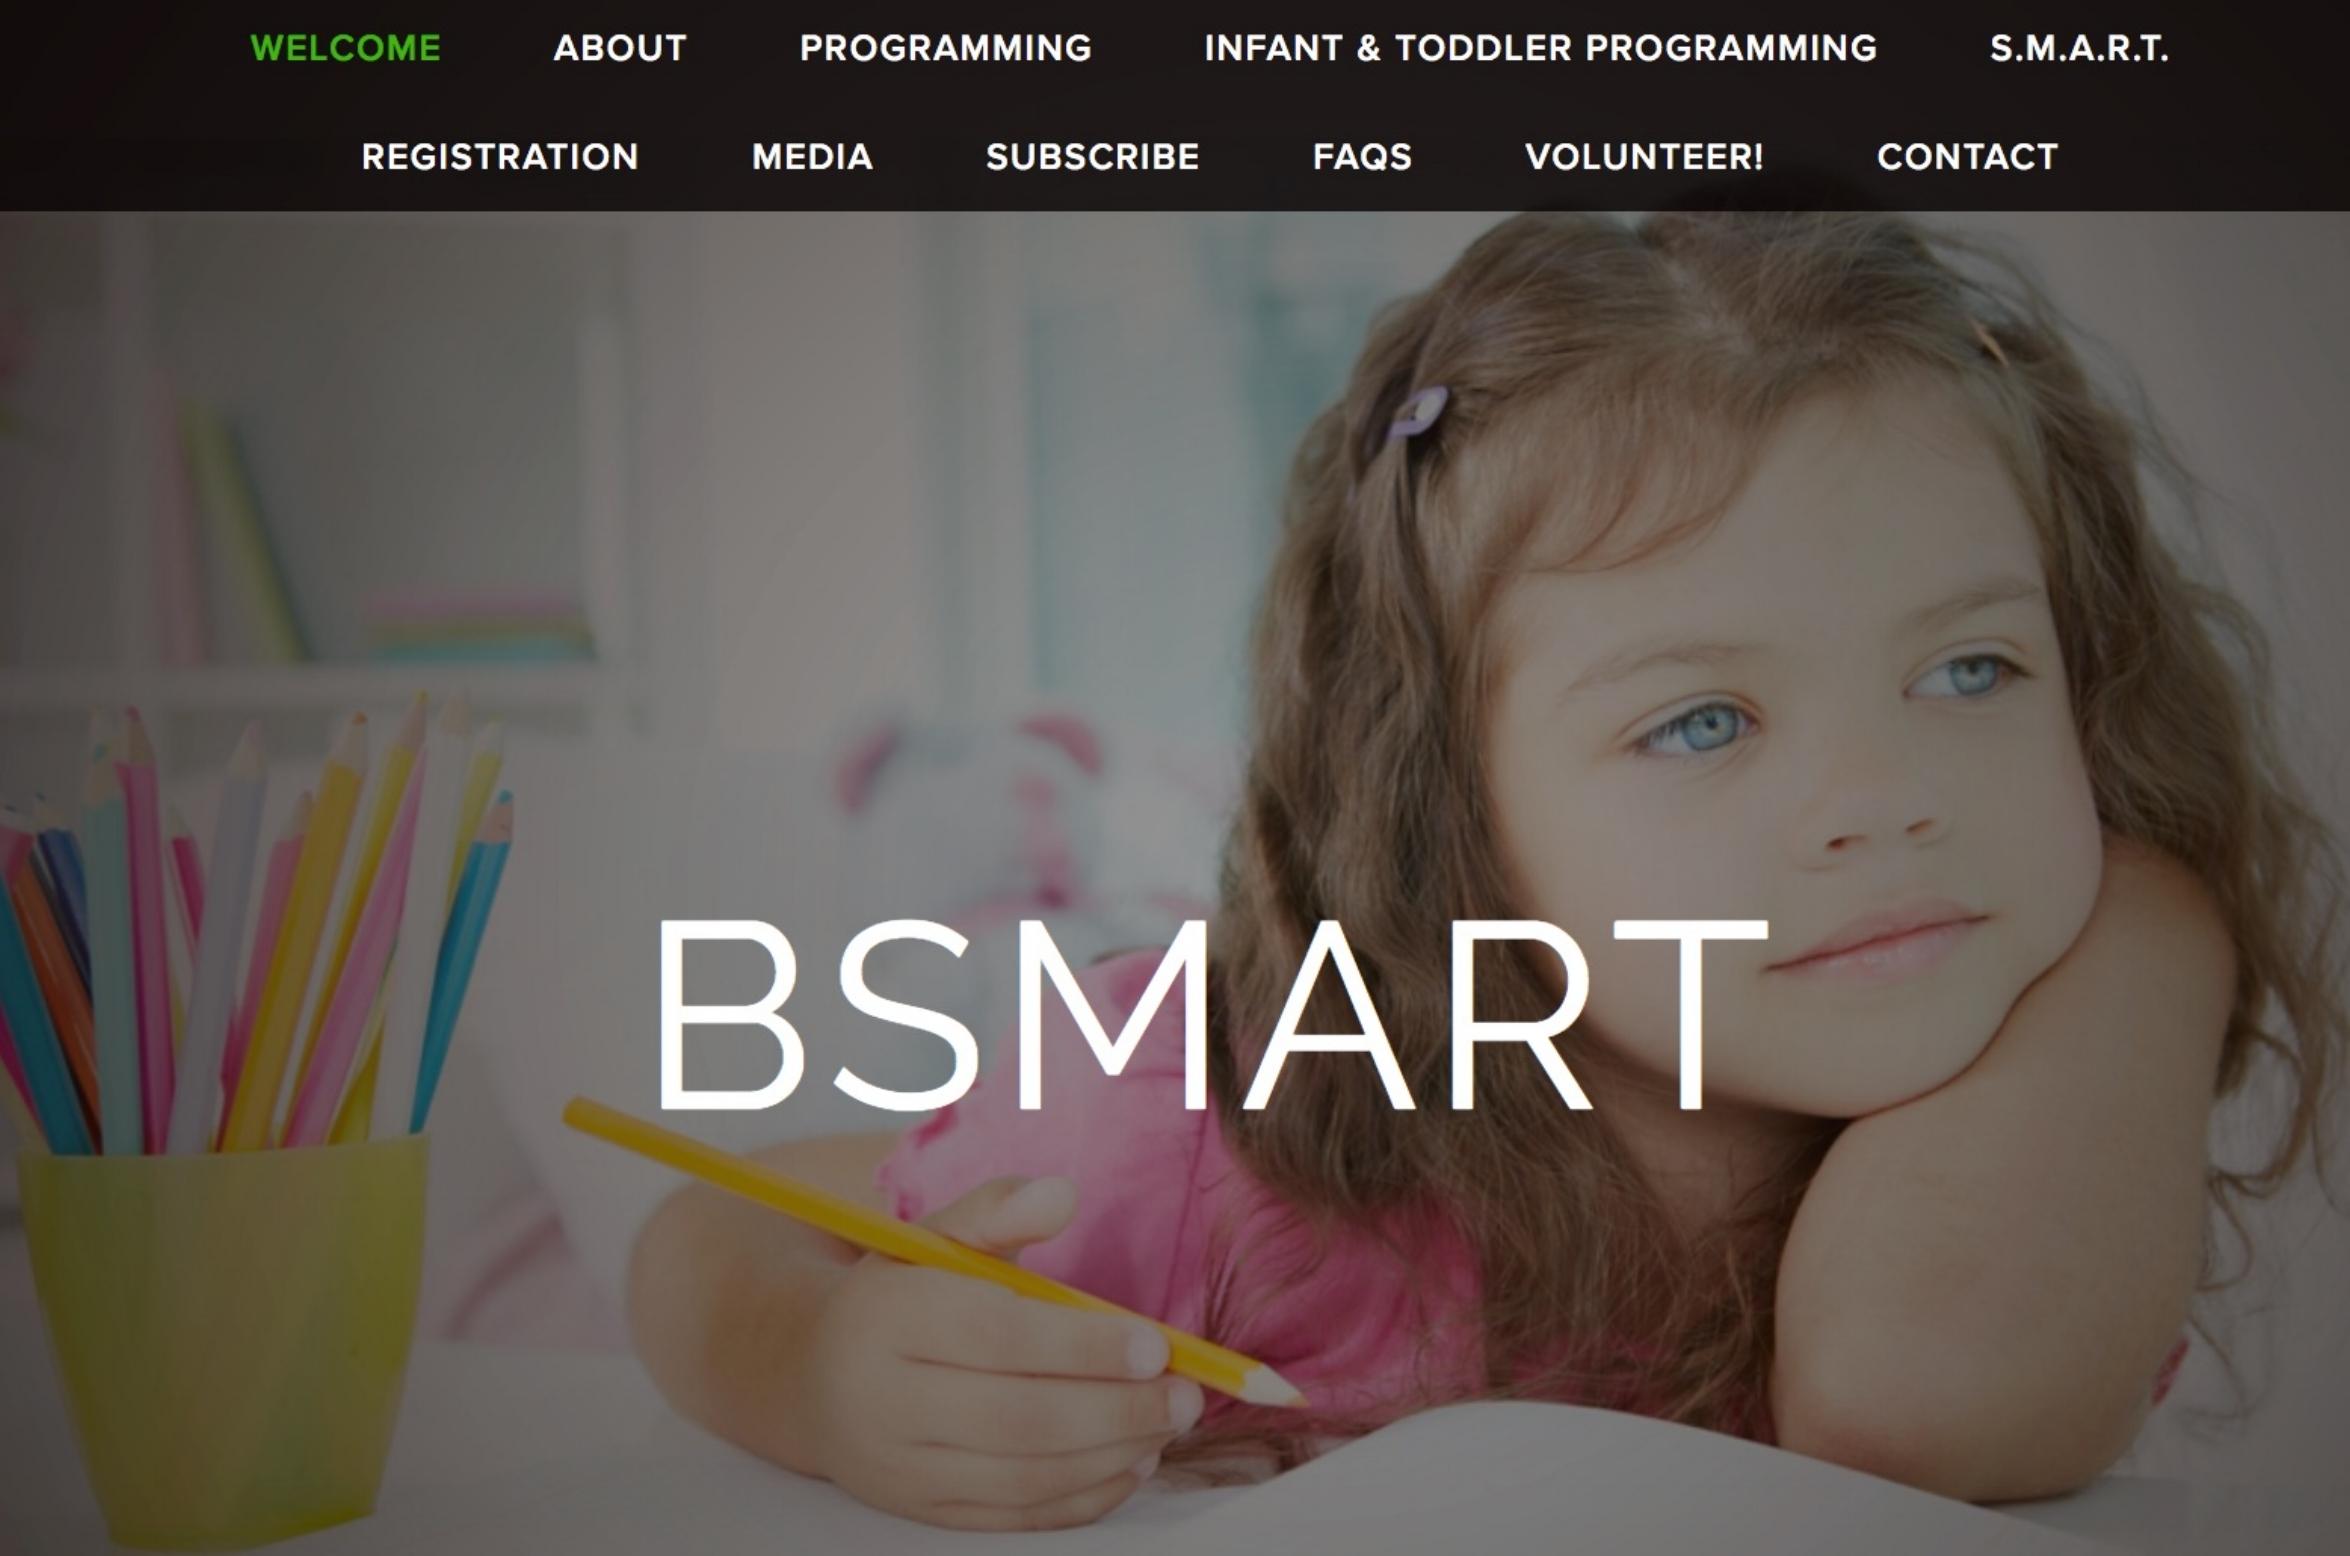 BSMART_Website Image.jpg